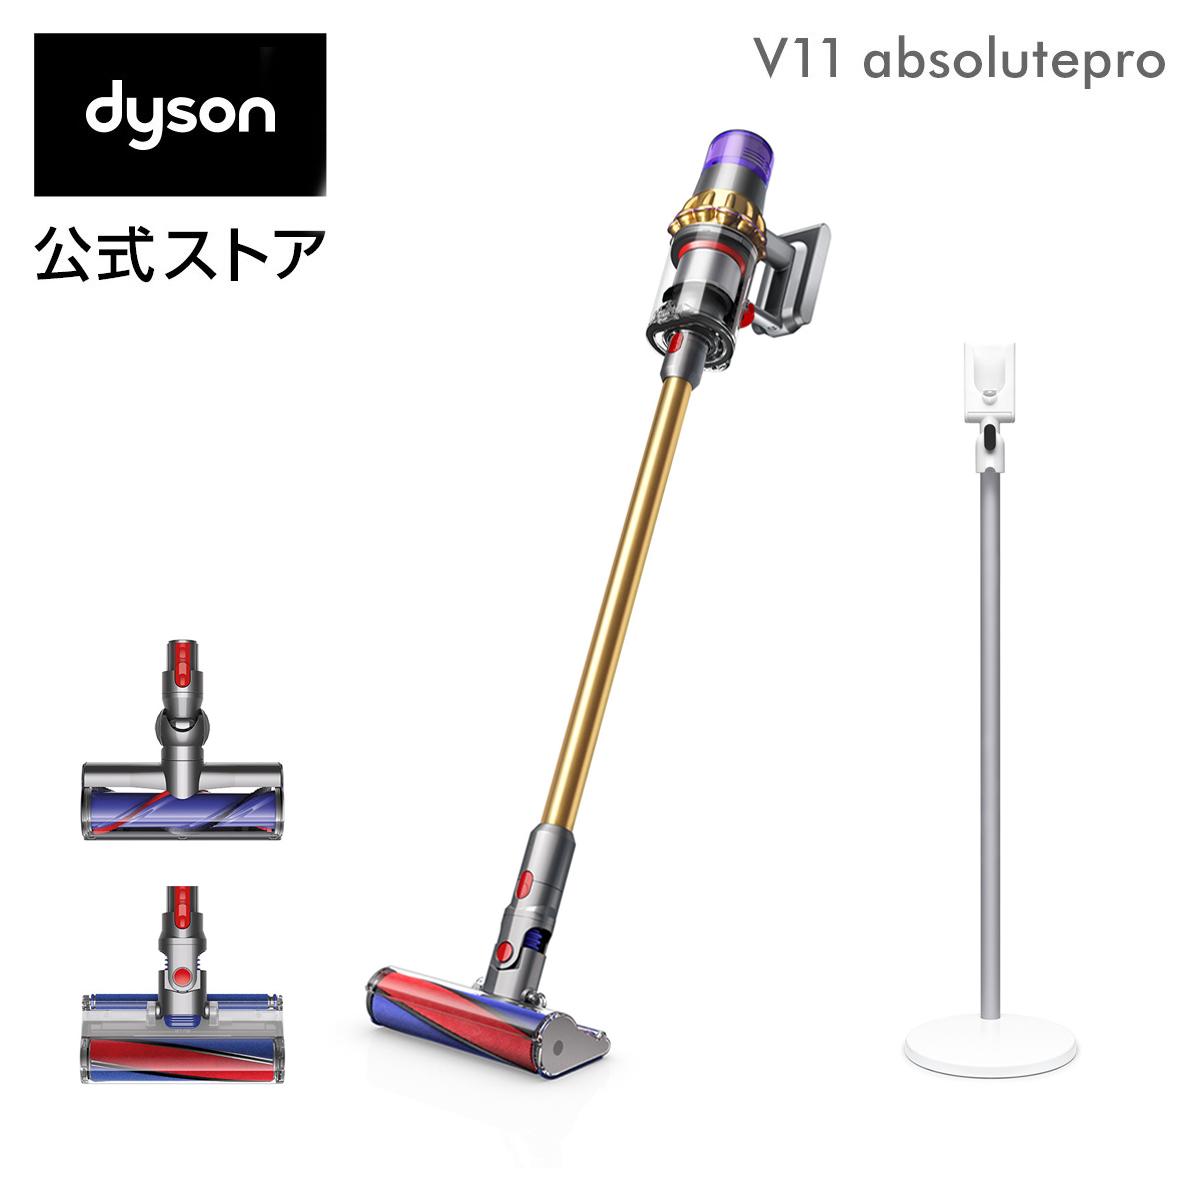 【直販限定】ダイソン Dyson V11 Absolutepro サイクロン式 コードレス掃除機 dyson SV14EXT 2019年最新モデル